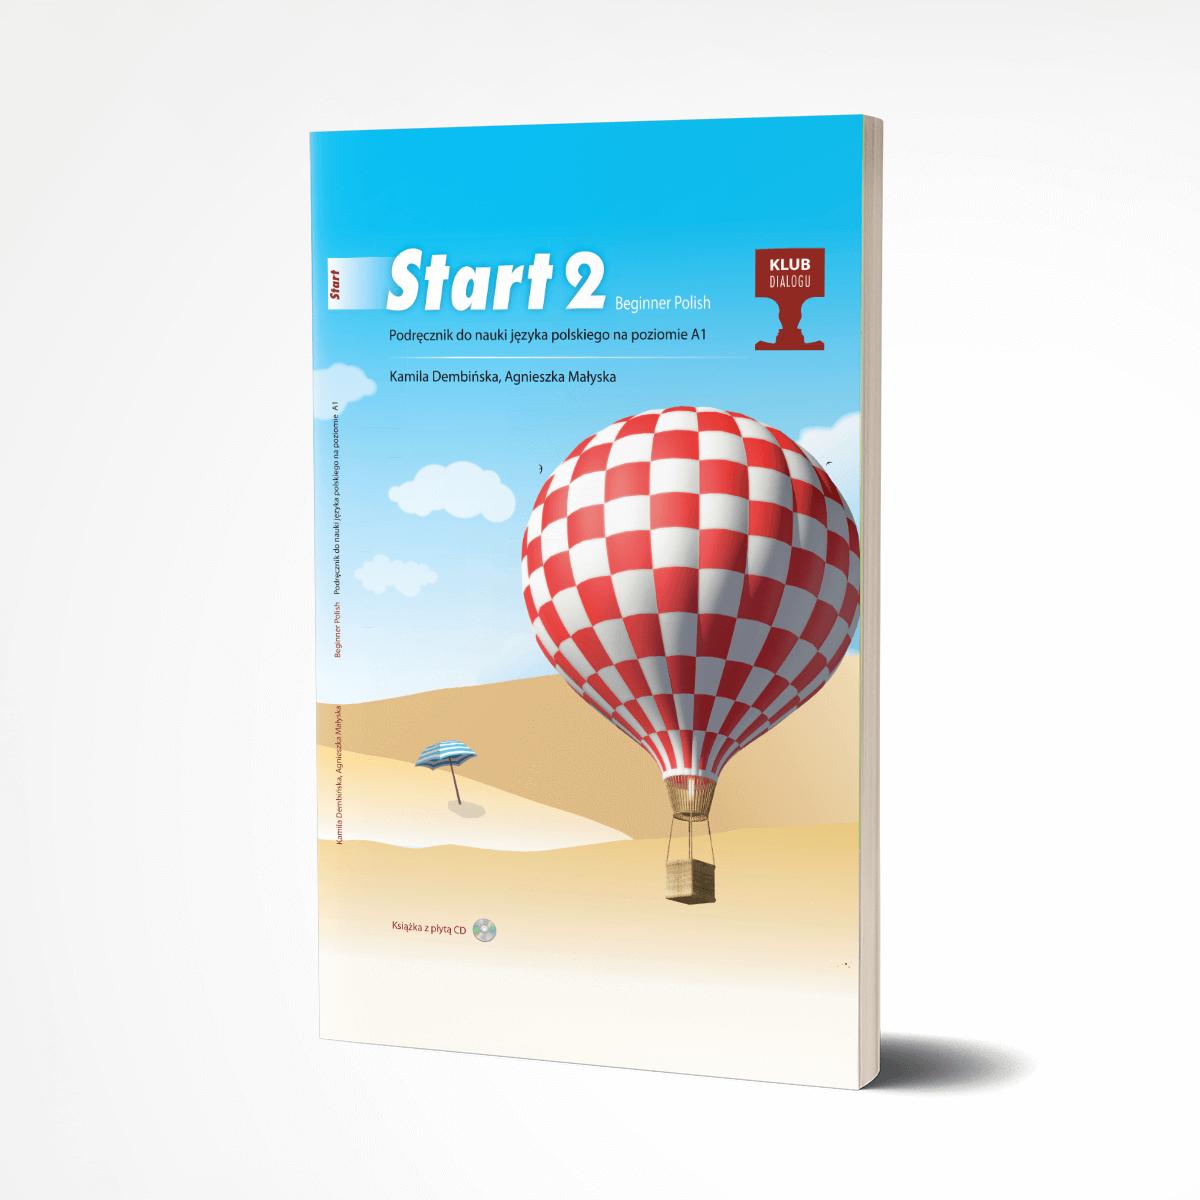 START 2 – Podręcznik studenta Beginner Polish – Flipbook